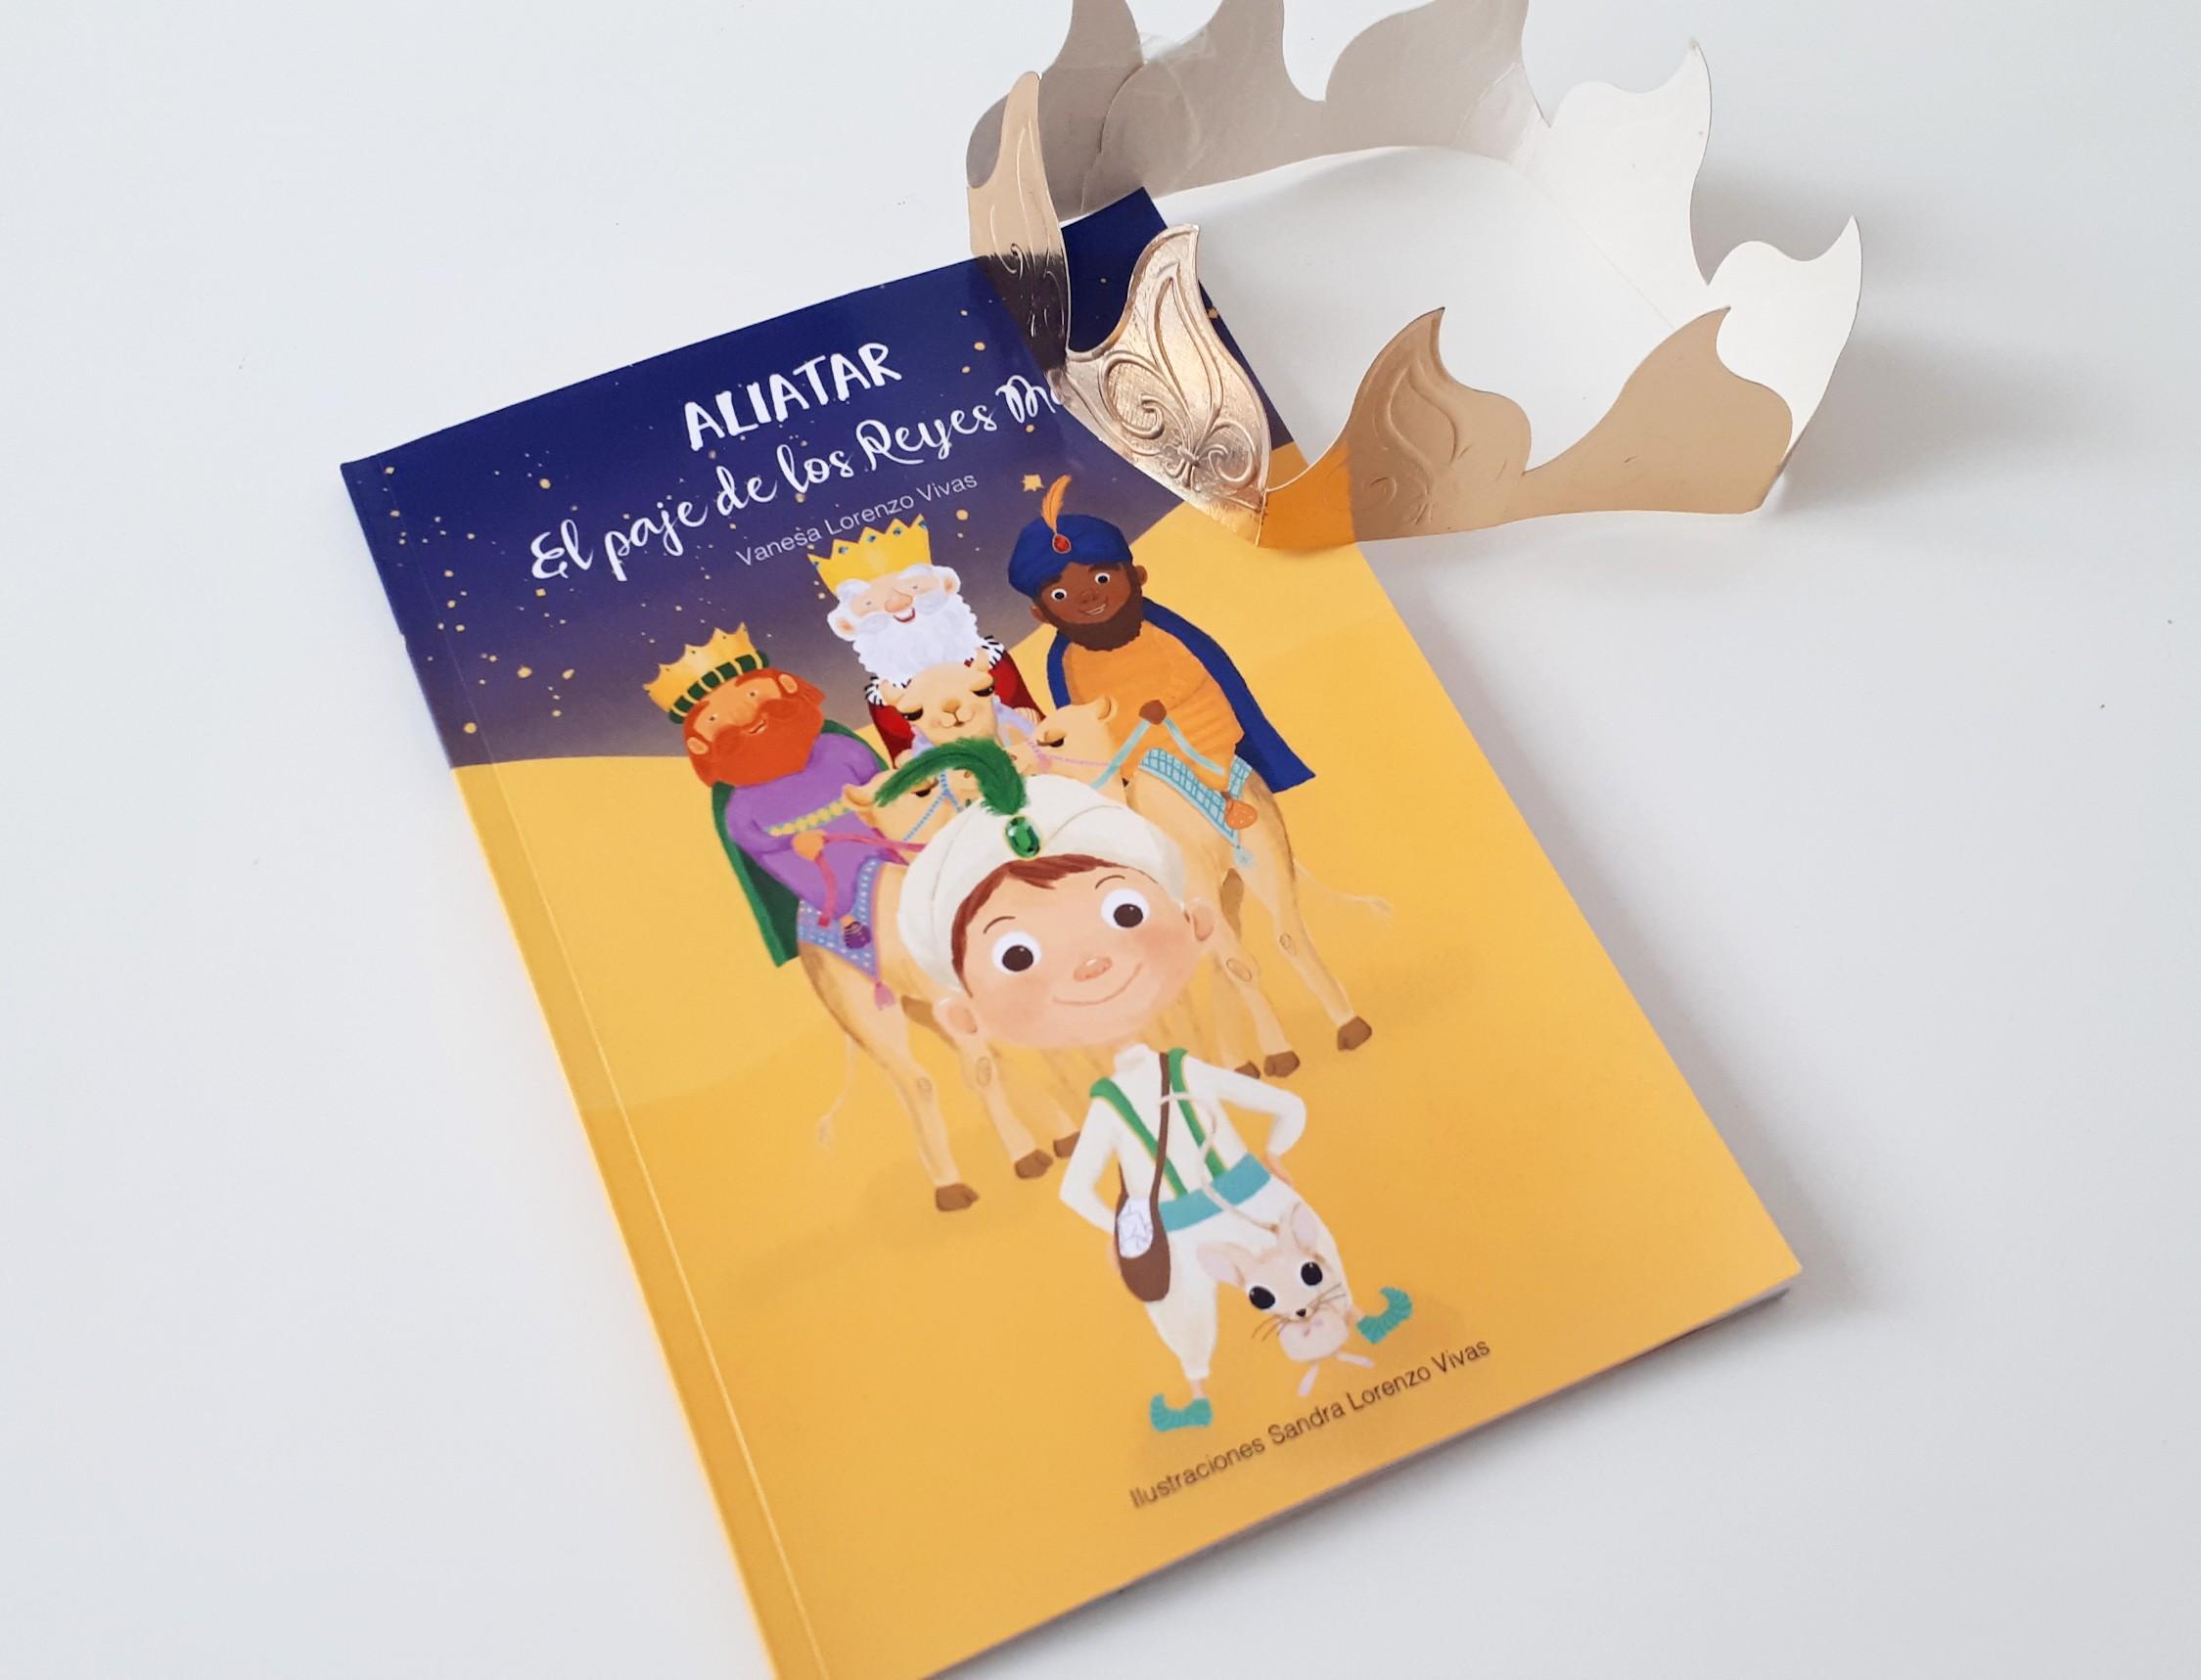 libro de navidad aliatar el paje de los reyes magos